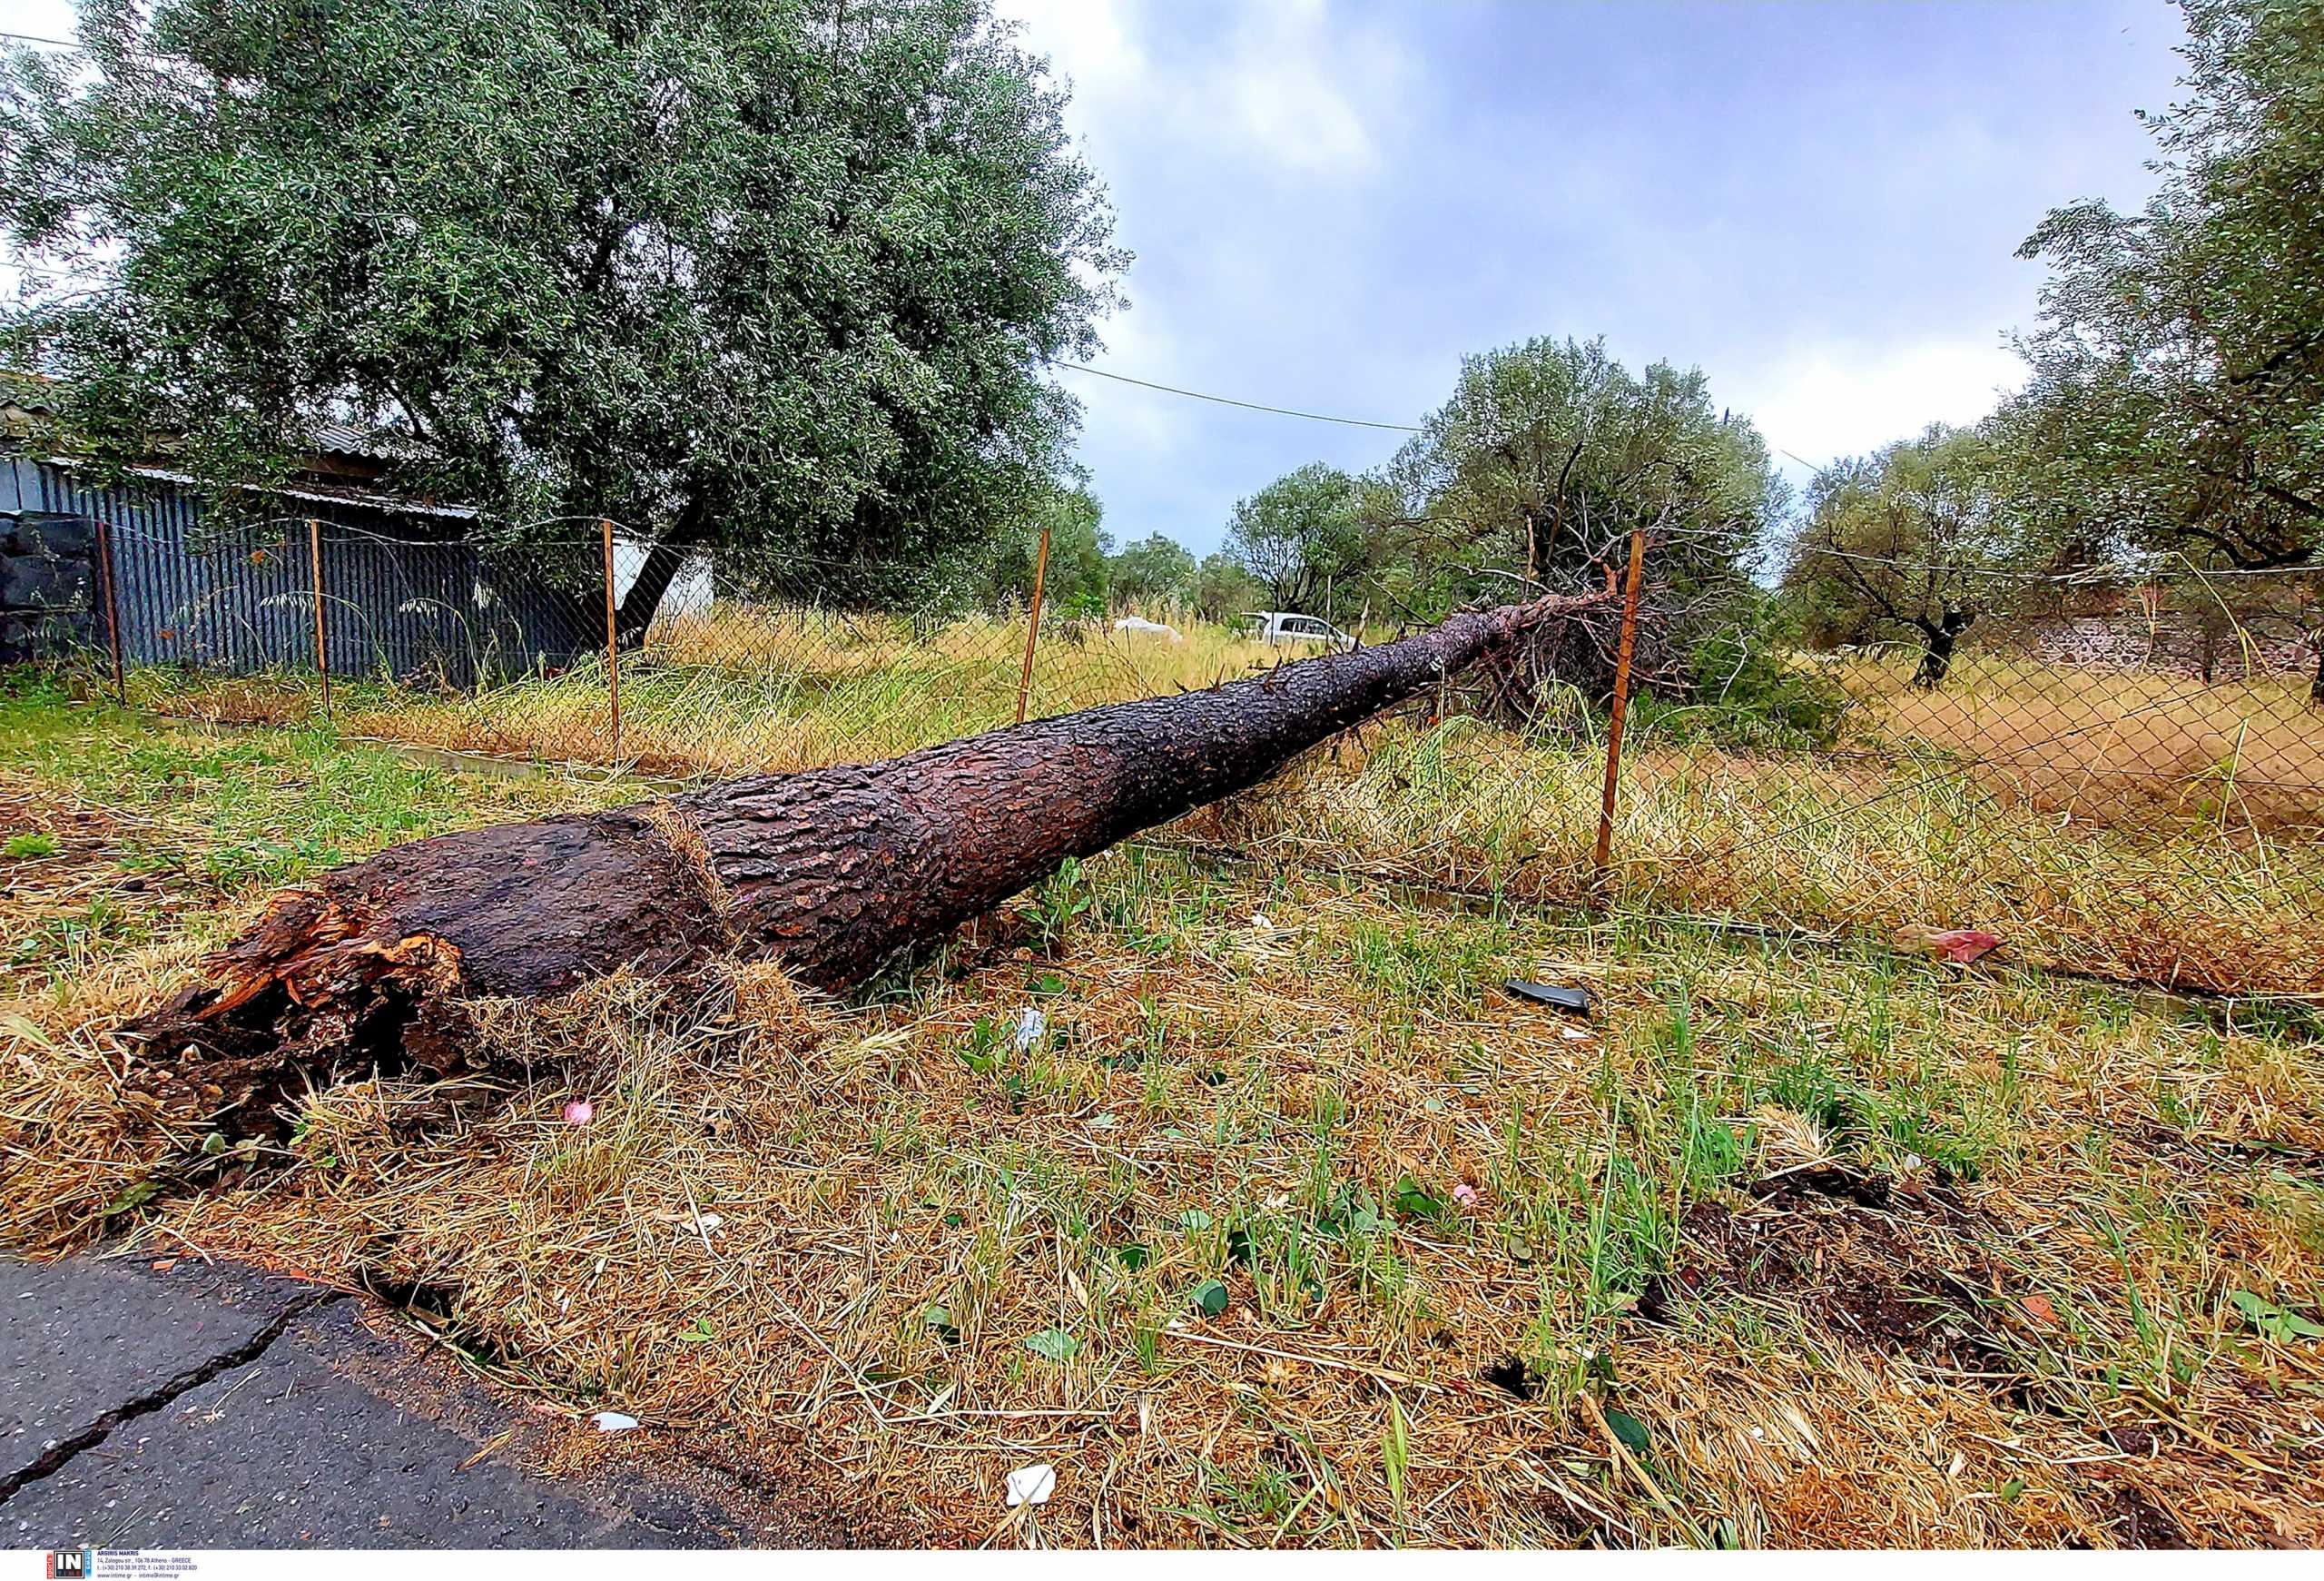 Λέσβος: Ισχυροι άνεμοι «σαρώνουν» το νησί – Ζημιές σε σπίτια, κλειστά τα σχολεία